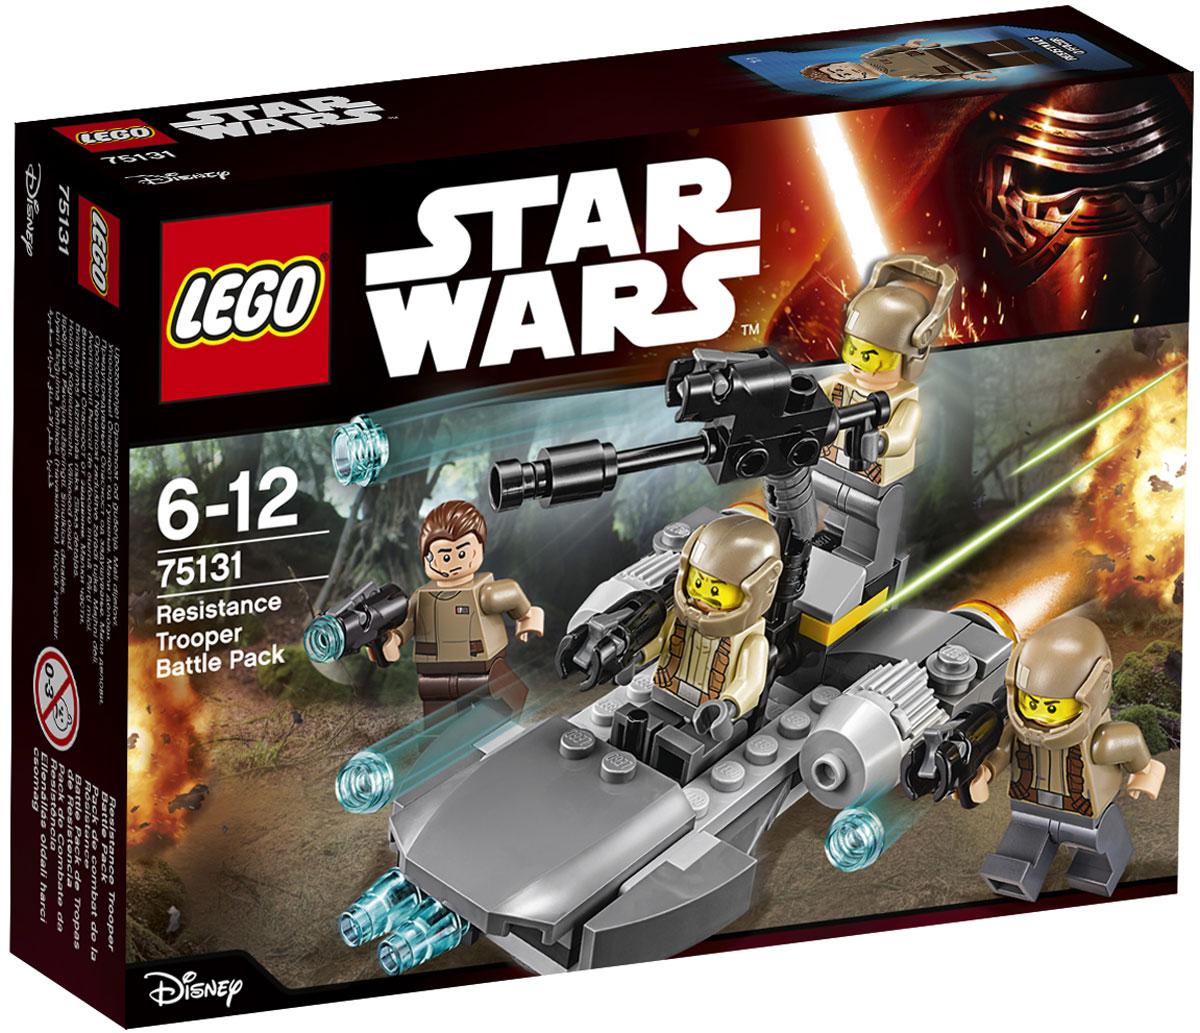 LEGO Star Wars Конструктор Боевой набор Сопротивления 75131  lego star wars 75131 боевой набор сопротивления